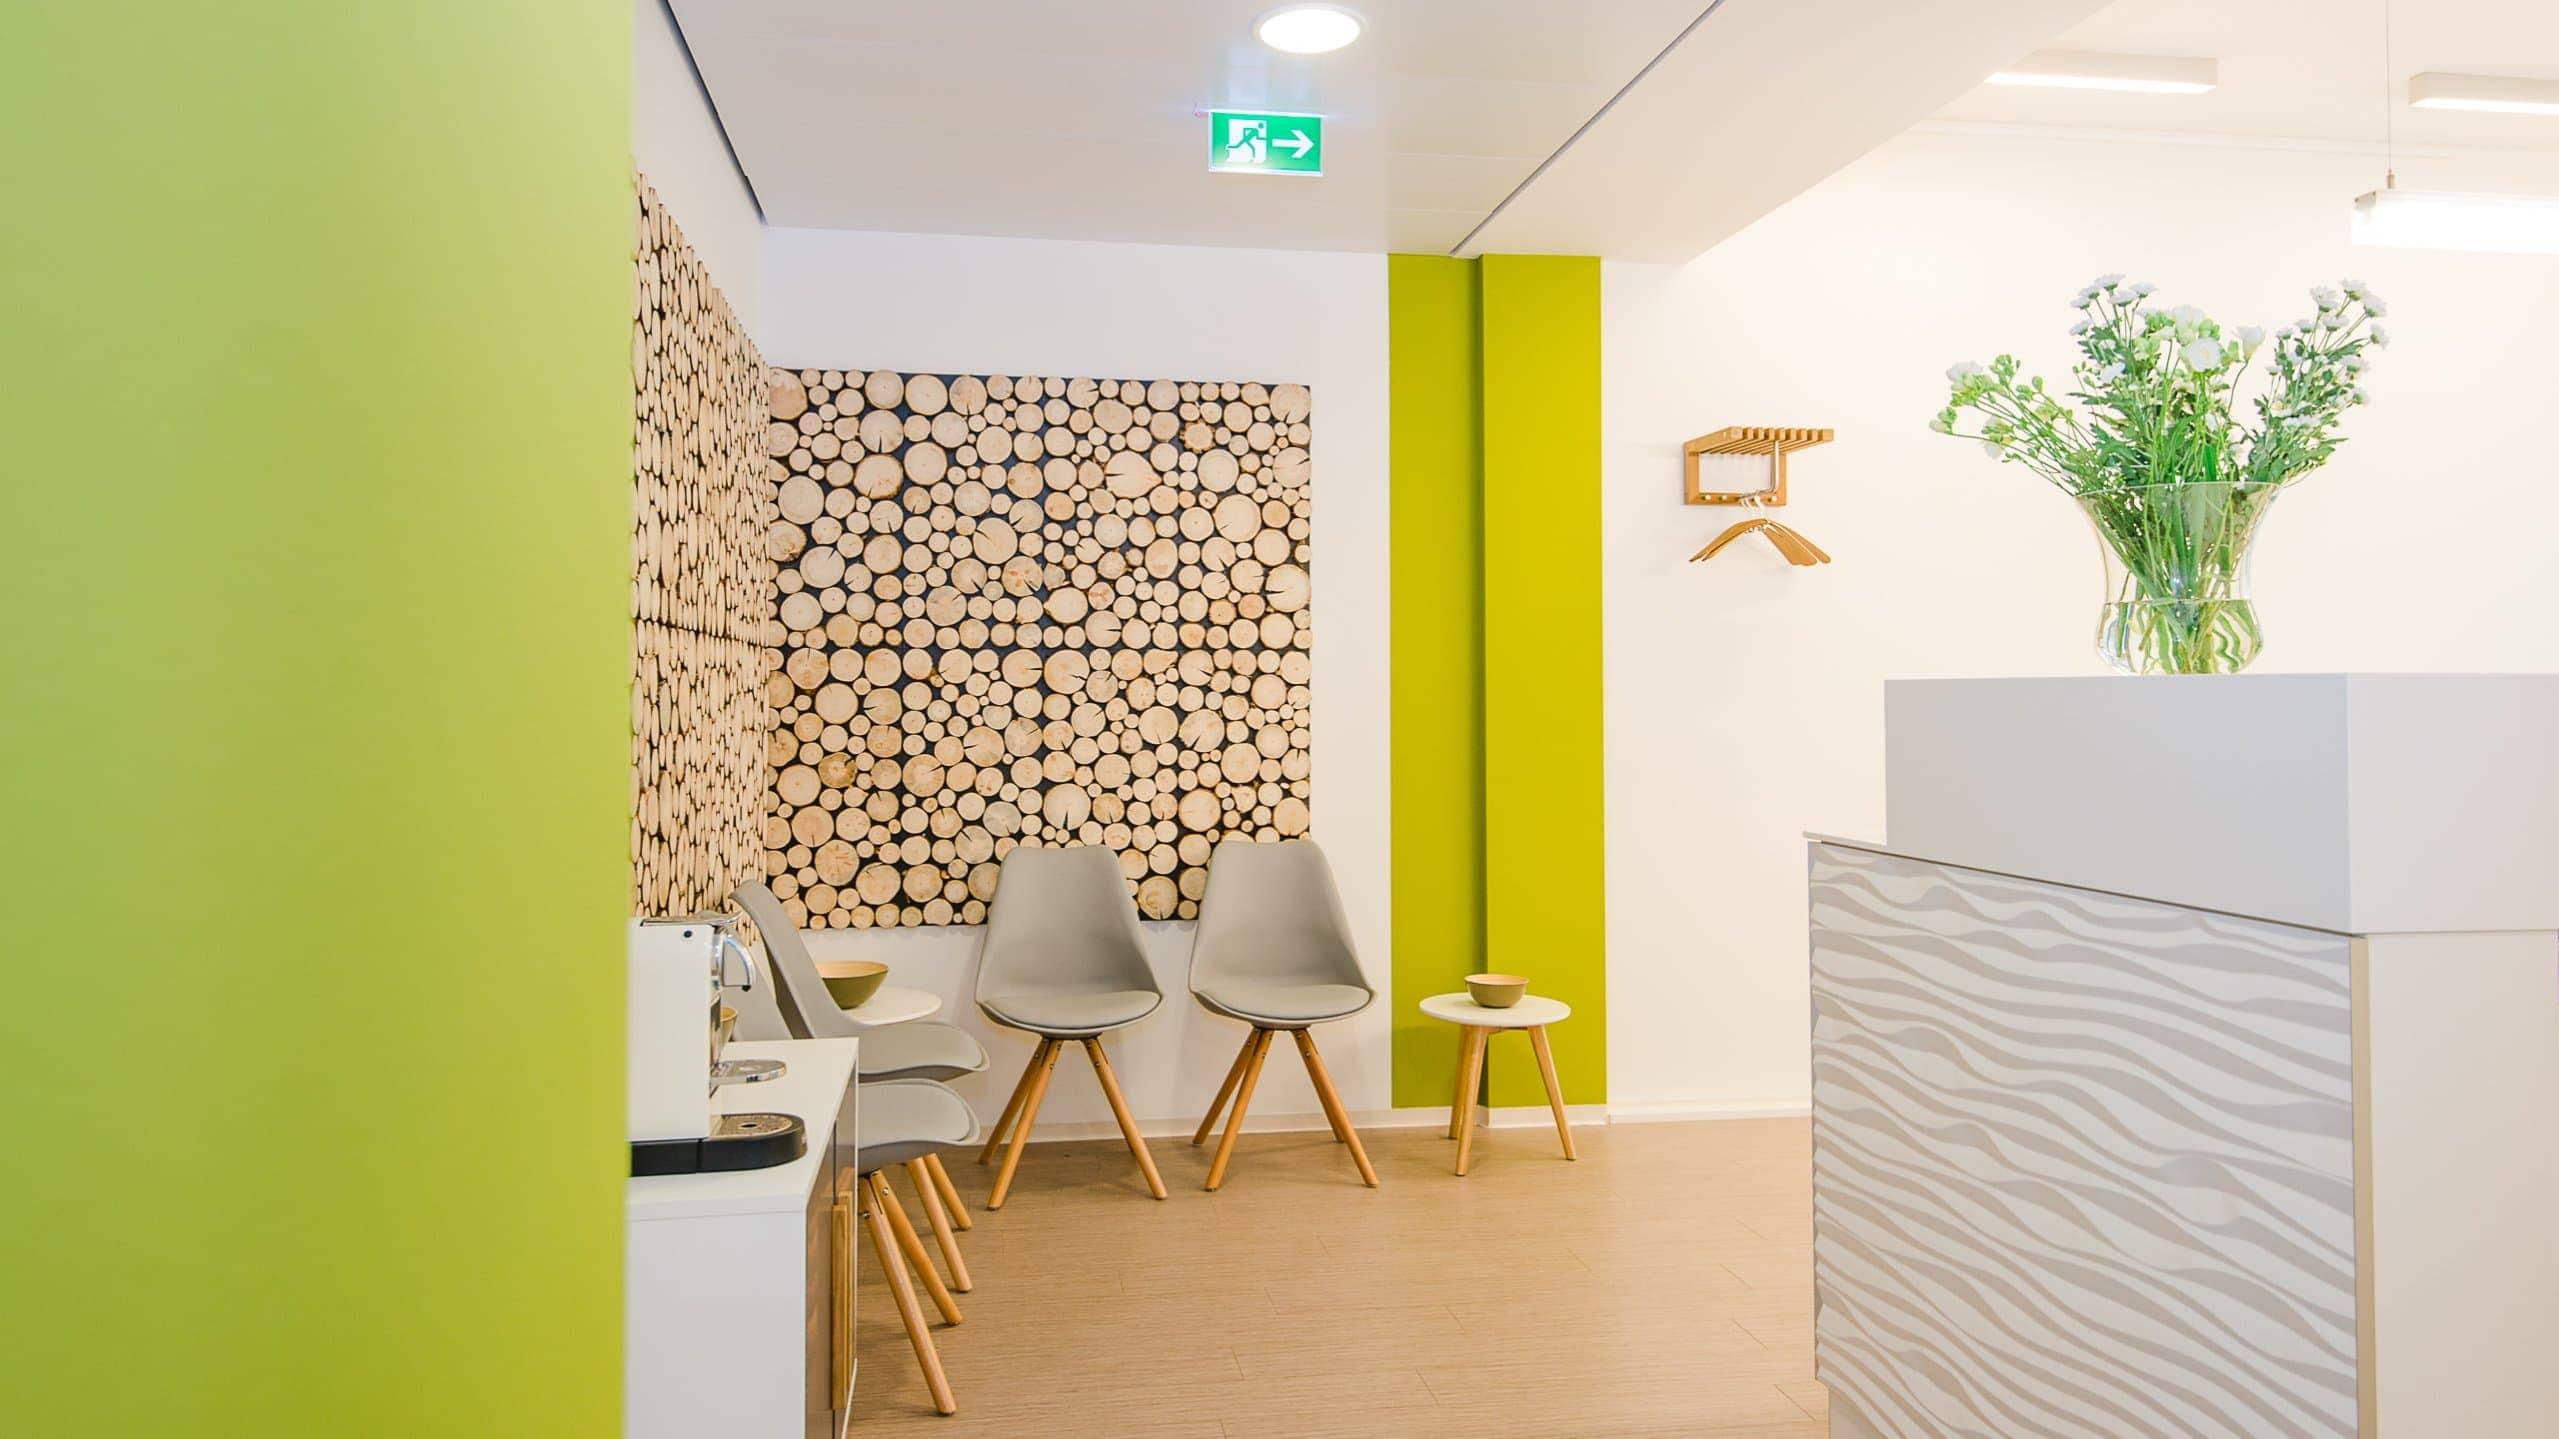 jungundwild-business-foto-image-architektur-muenchen-003